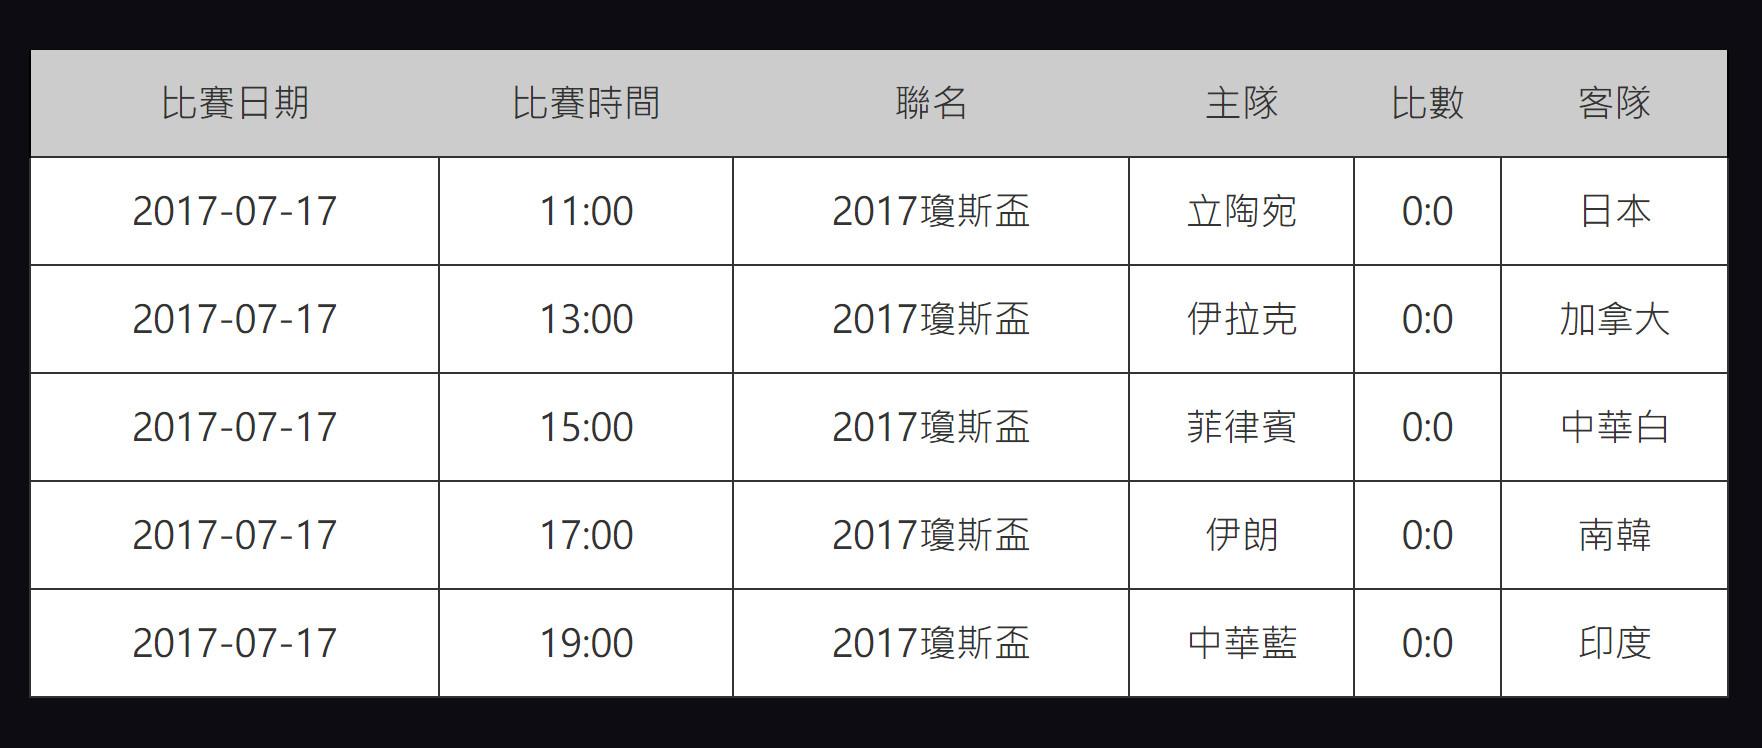 瓊斯盃17日賽程表